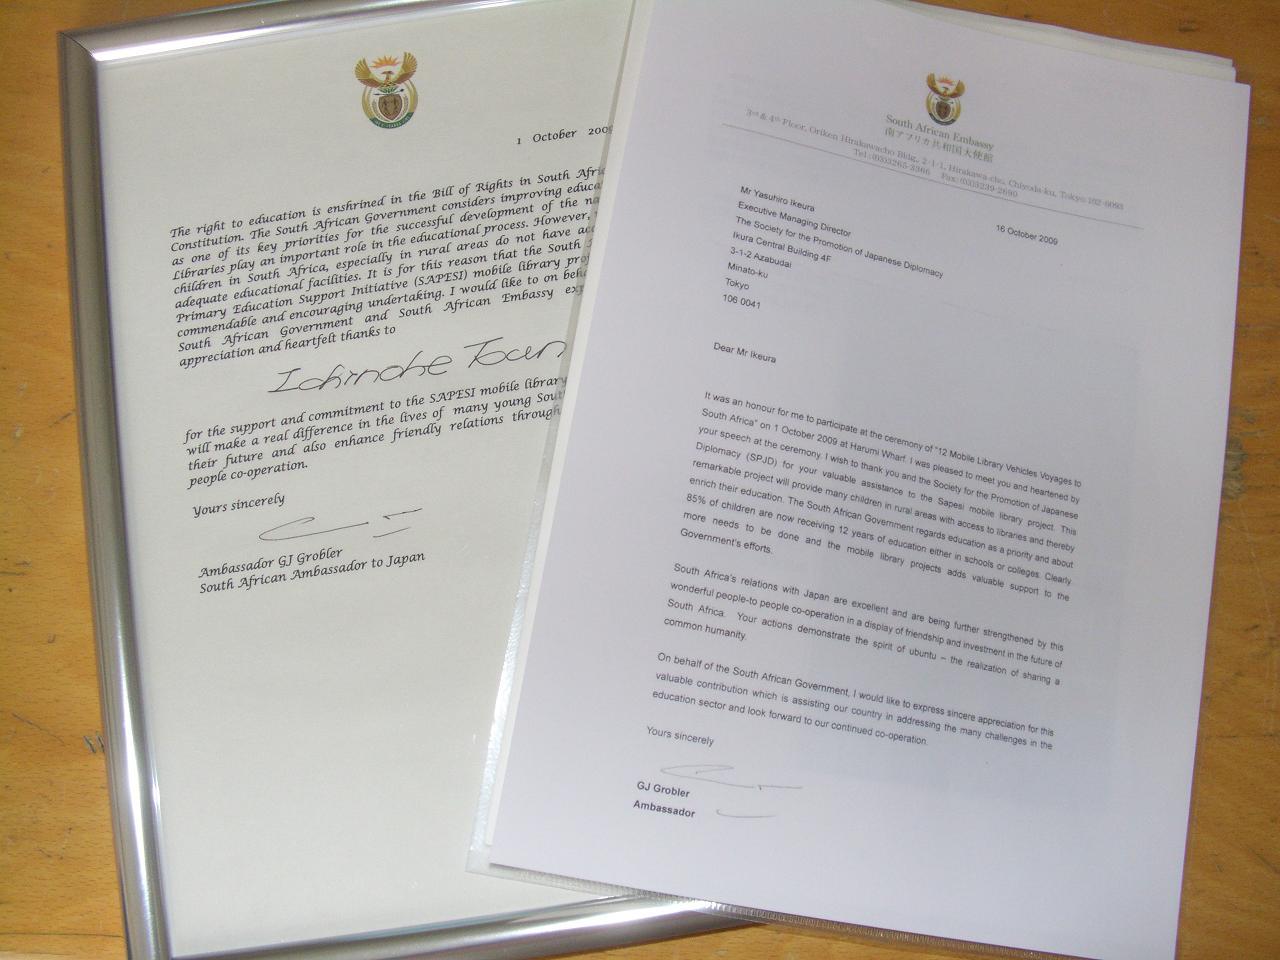 南アフリカ大使館からの感謝状